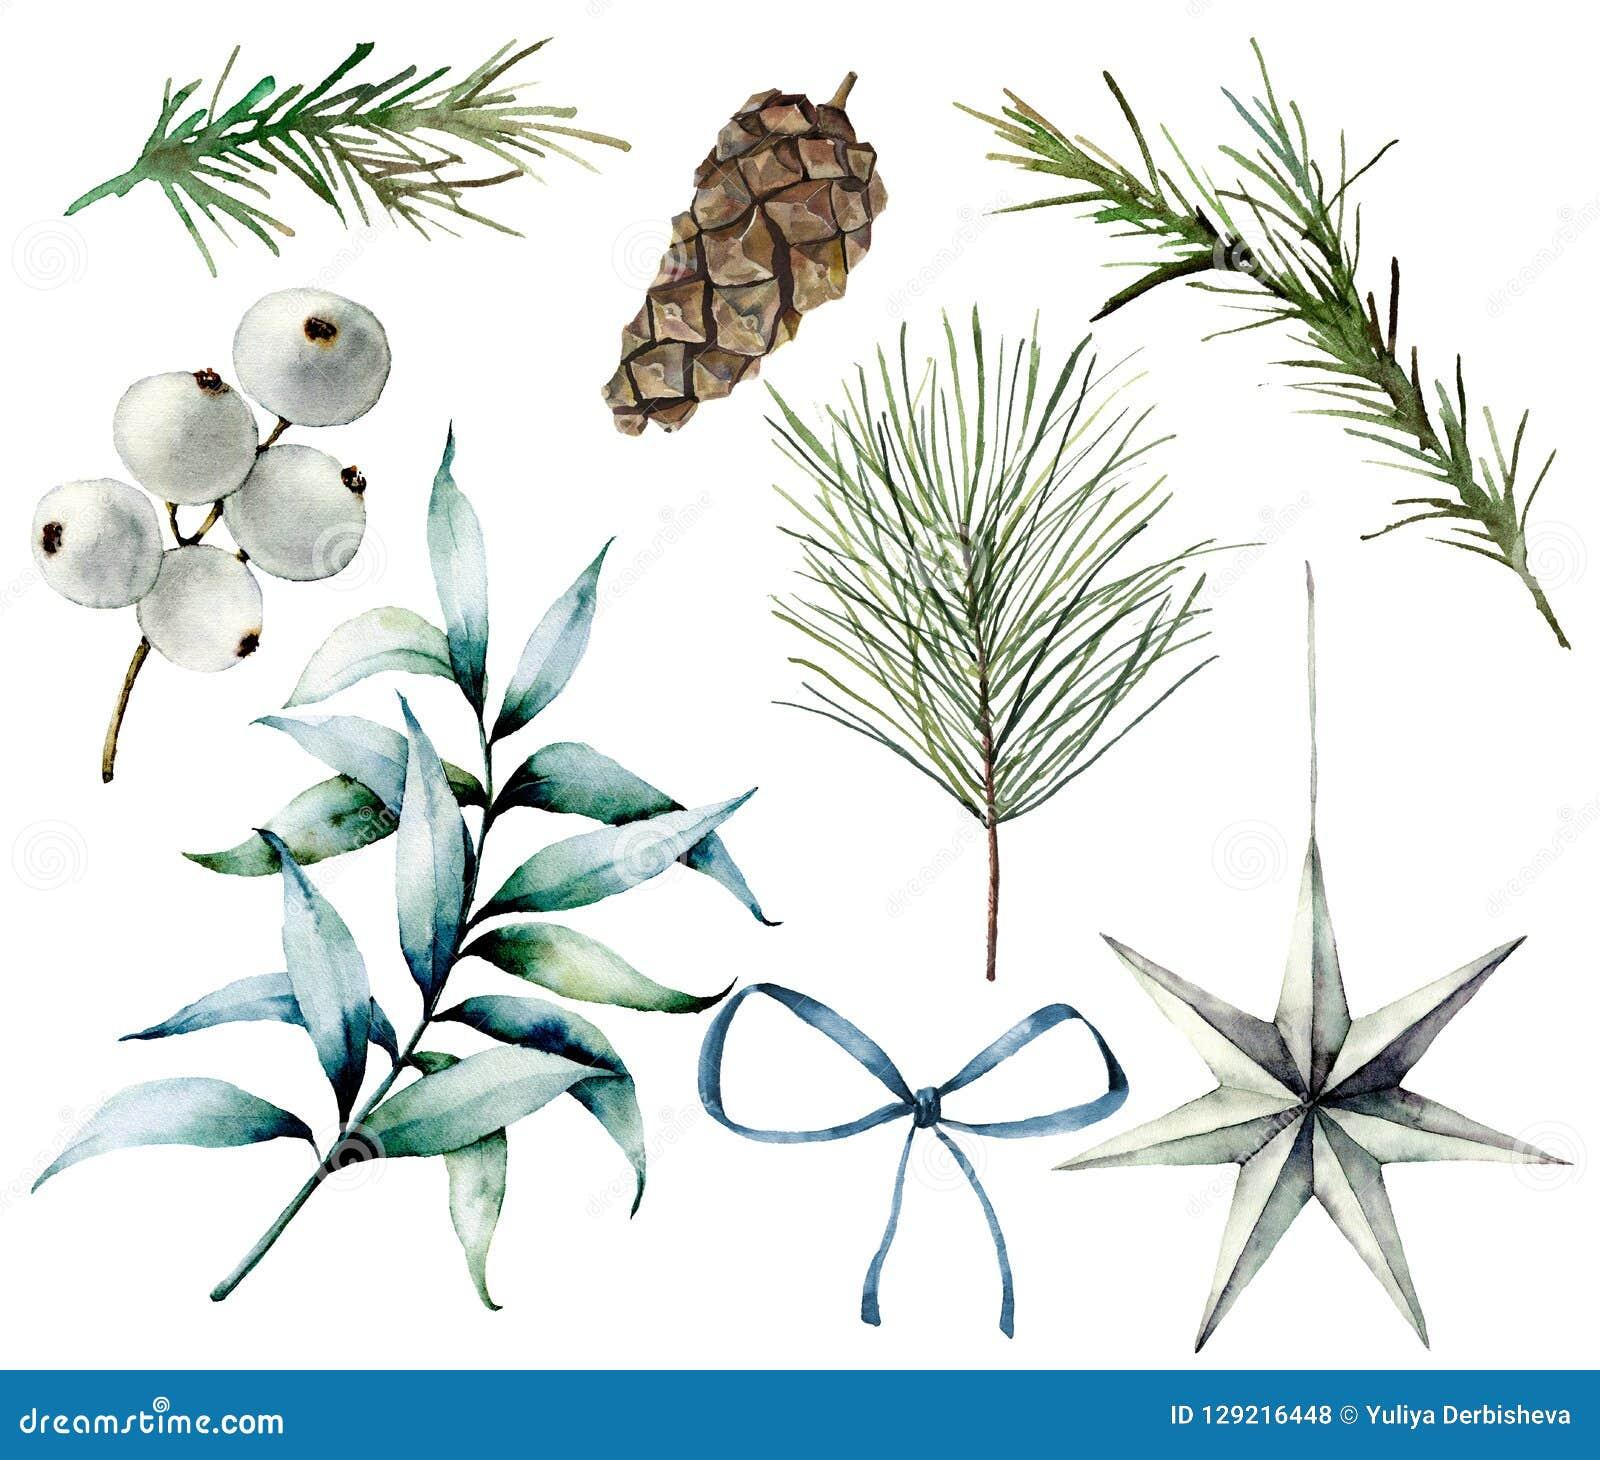 Aquarell-Weihnachtsanlagen und -dekor Handgemalte Tannenzweige, Eukalyptusblätter, weiße Beeren, Stern, Tannenzapfen, Bogen